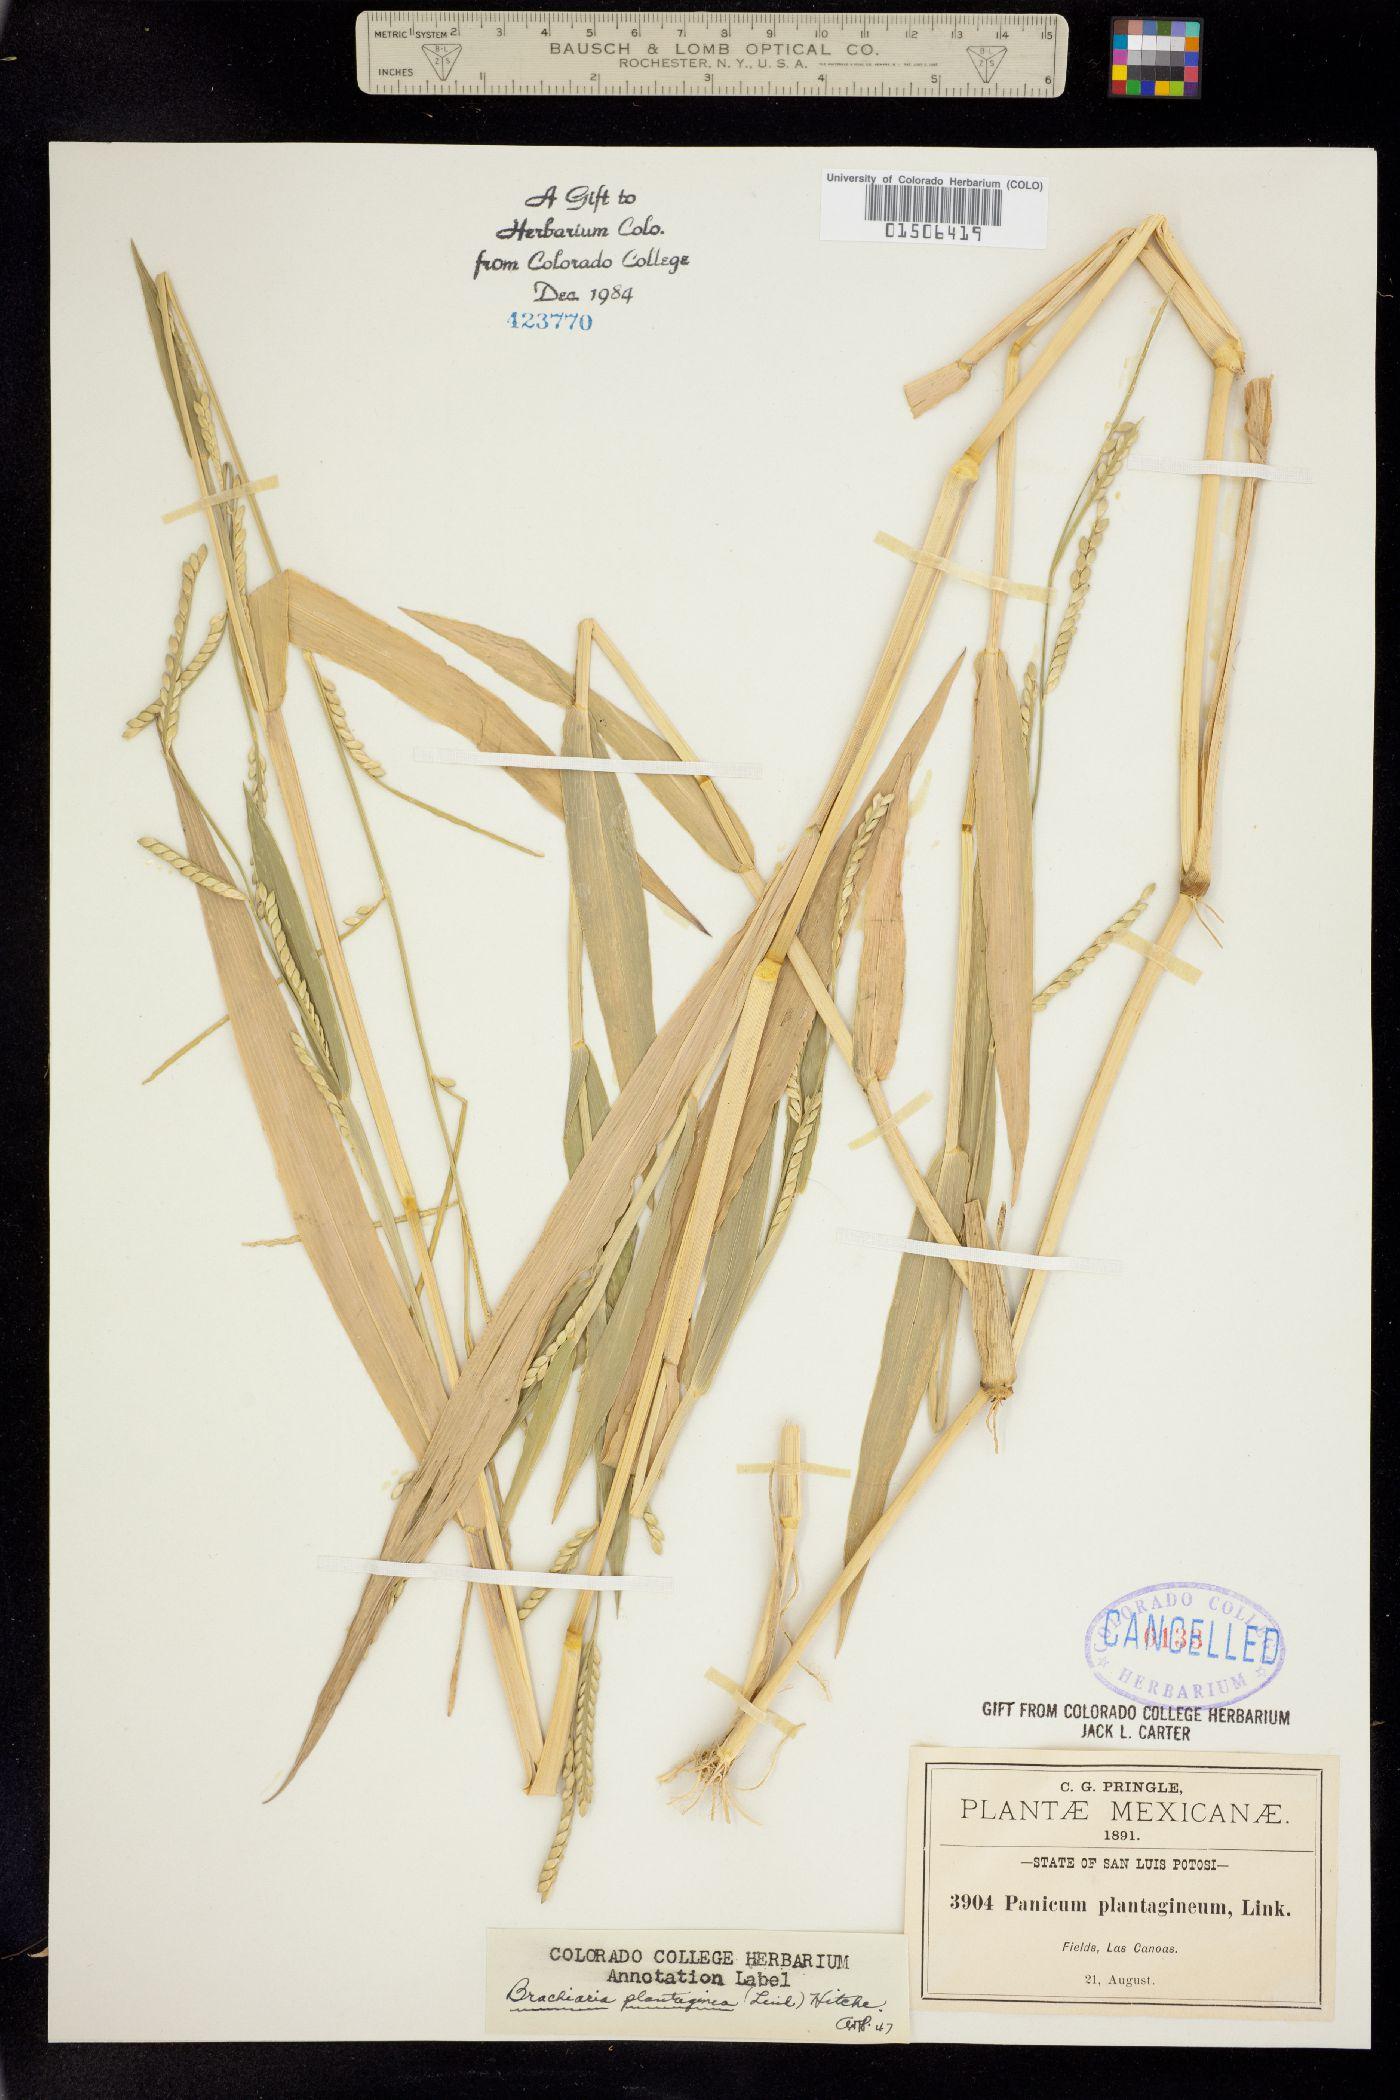 Panicum plantagineum image